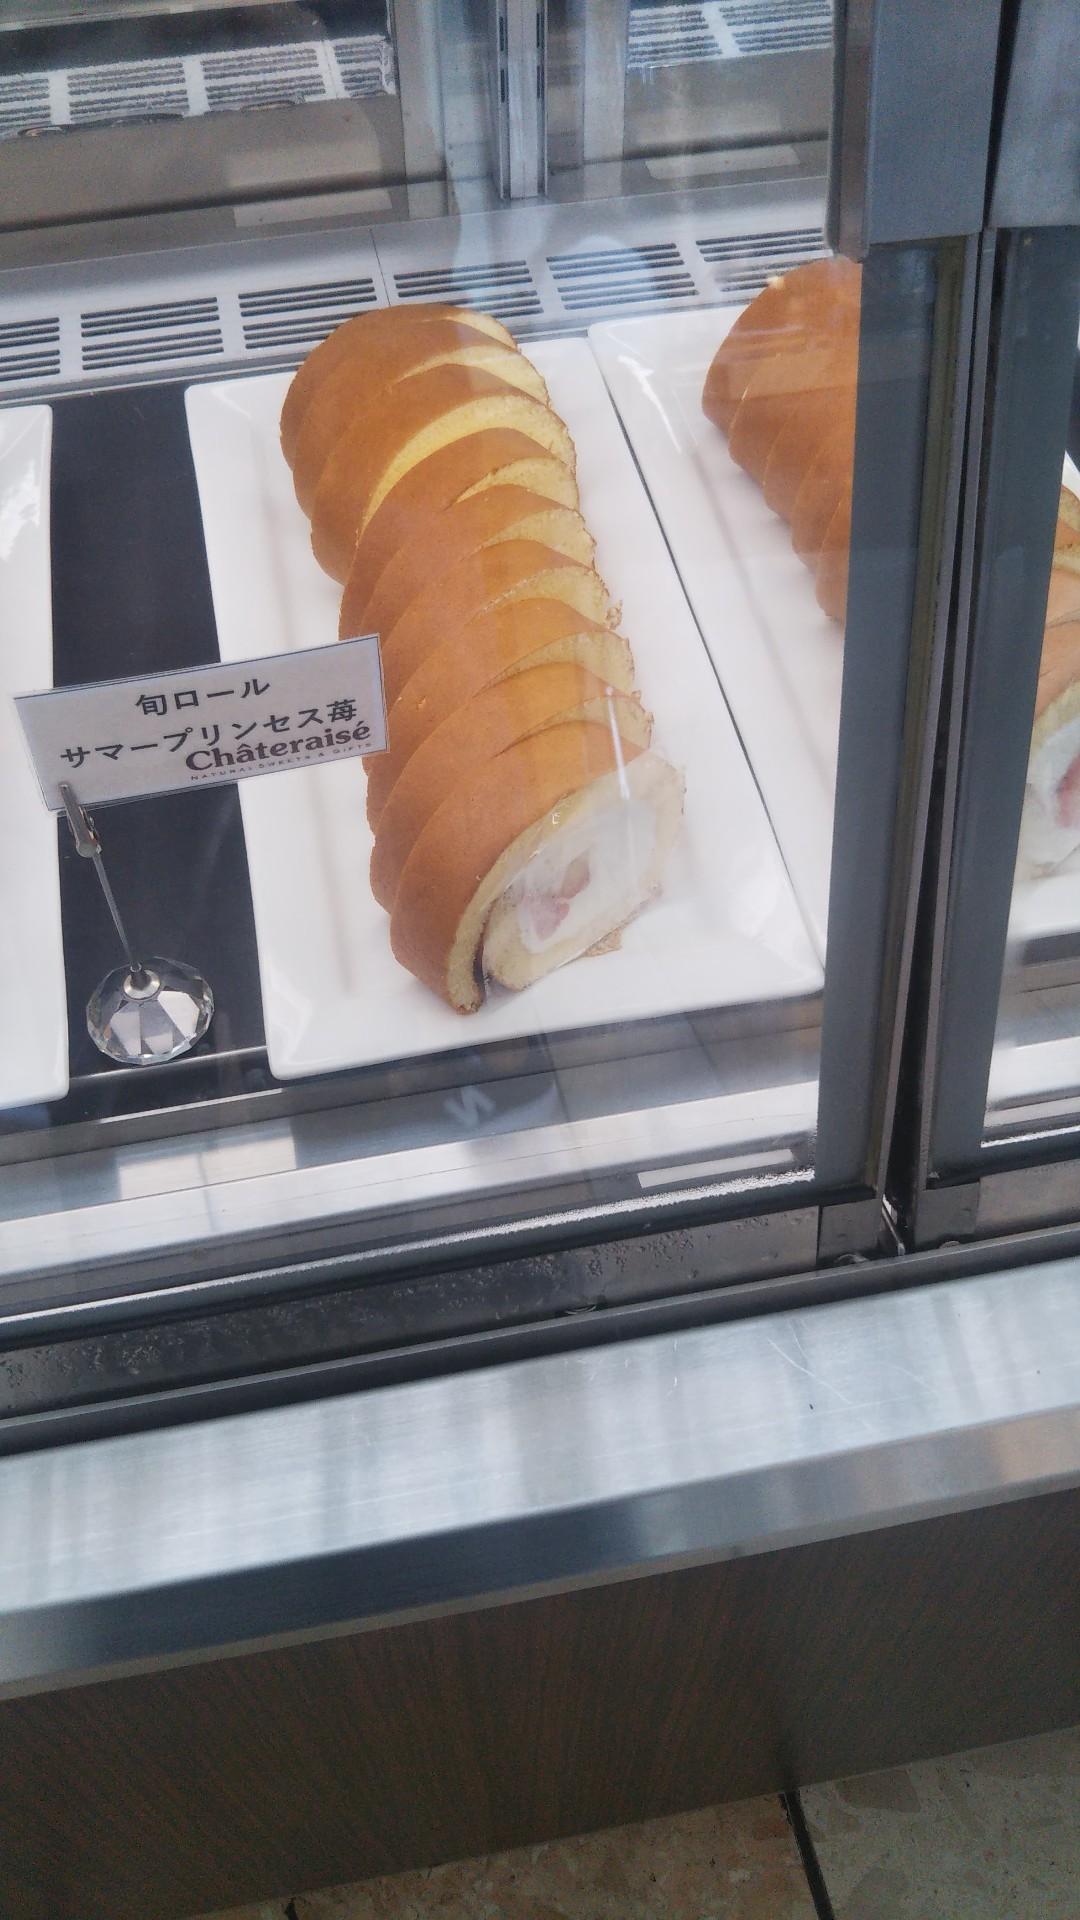 シャトレーゼ ガトーキングダムサッポロ ヴィーニュ Dessert Buffet~夏のべジスイーツフェア~_f0076001_23422670.jpg